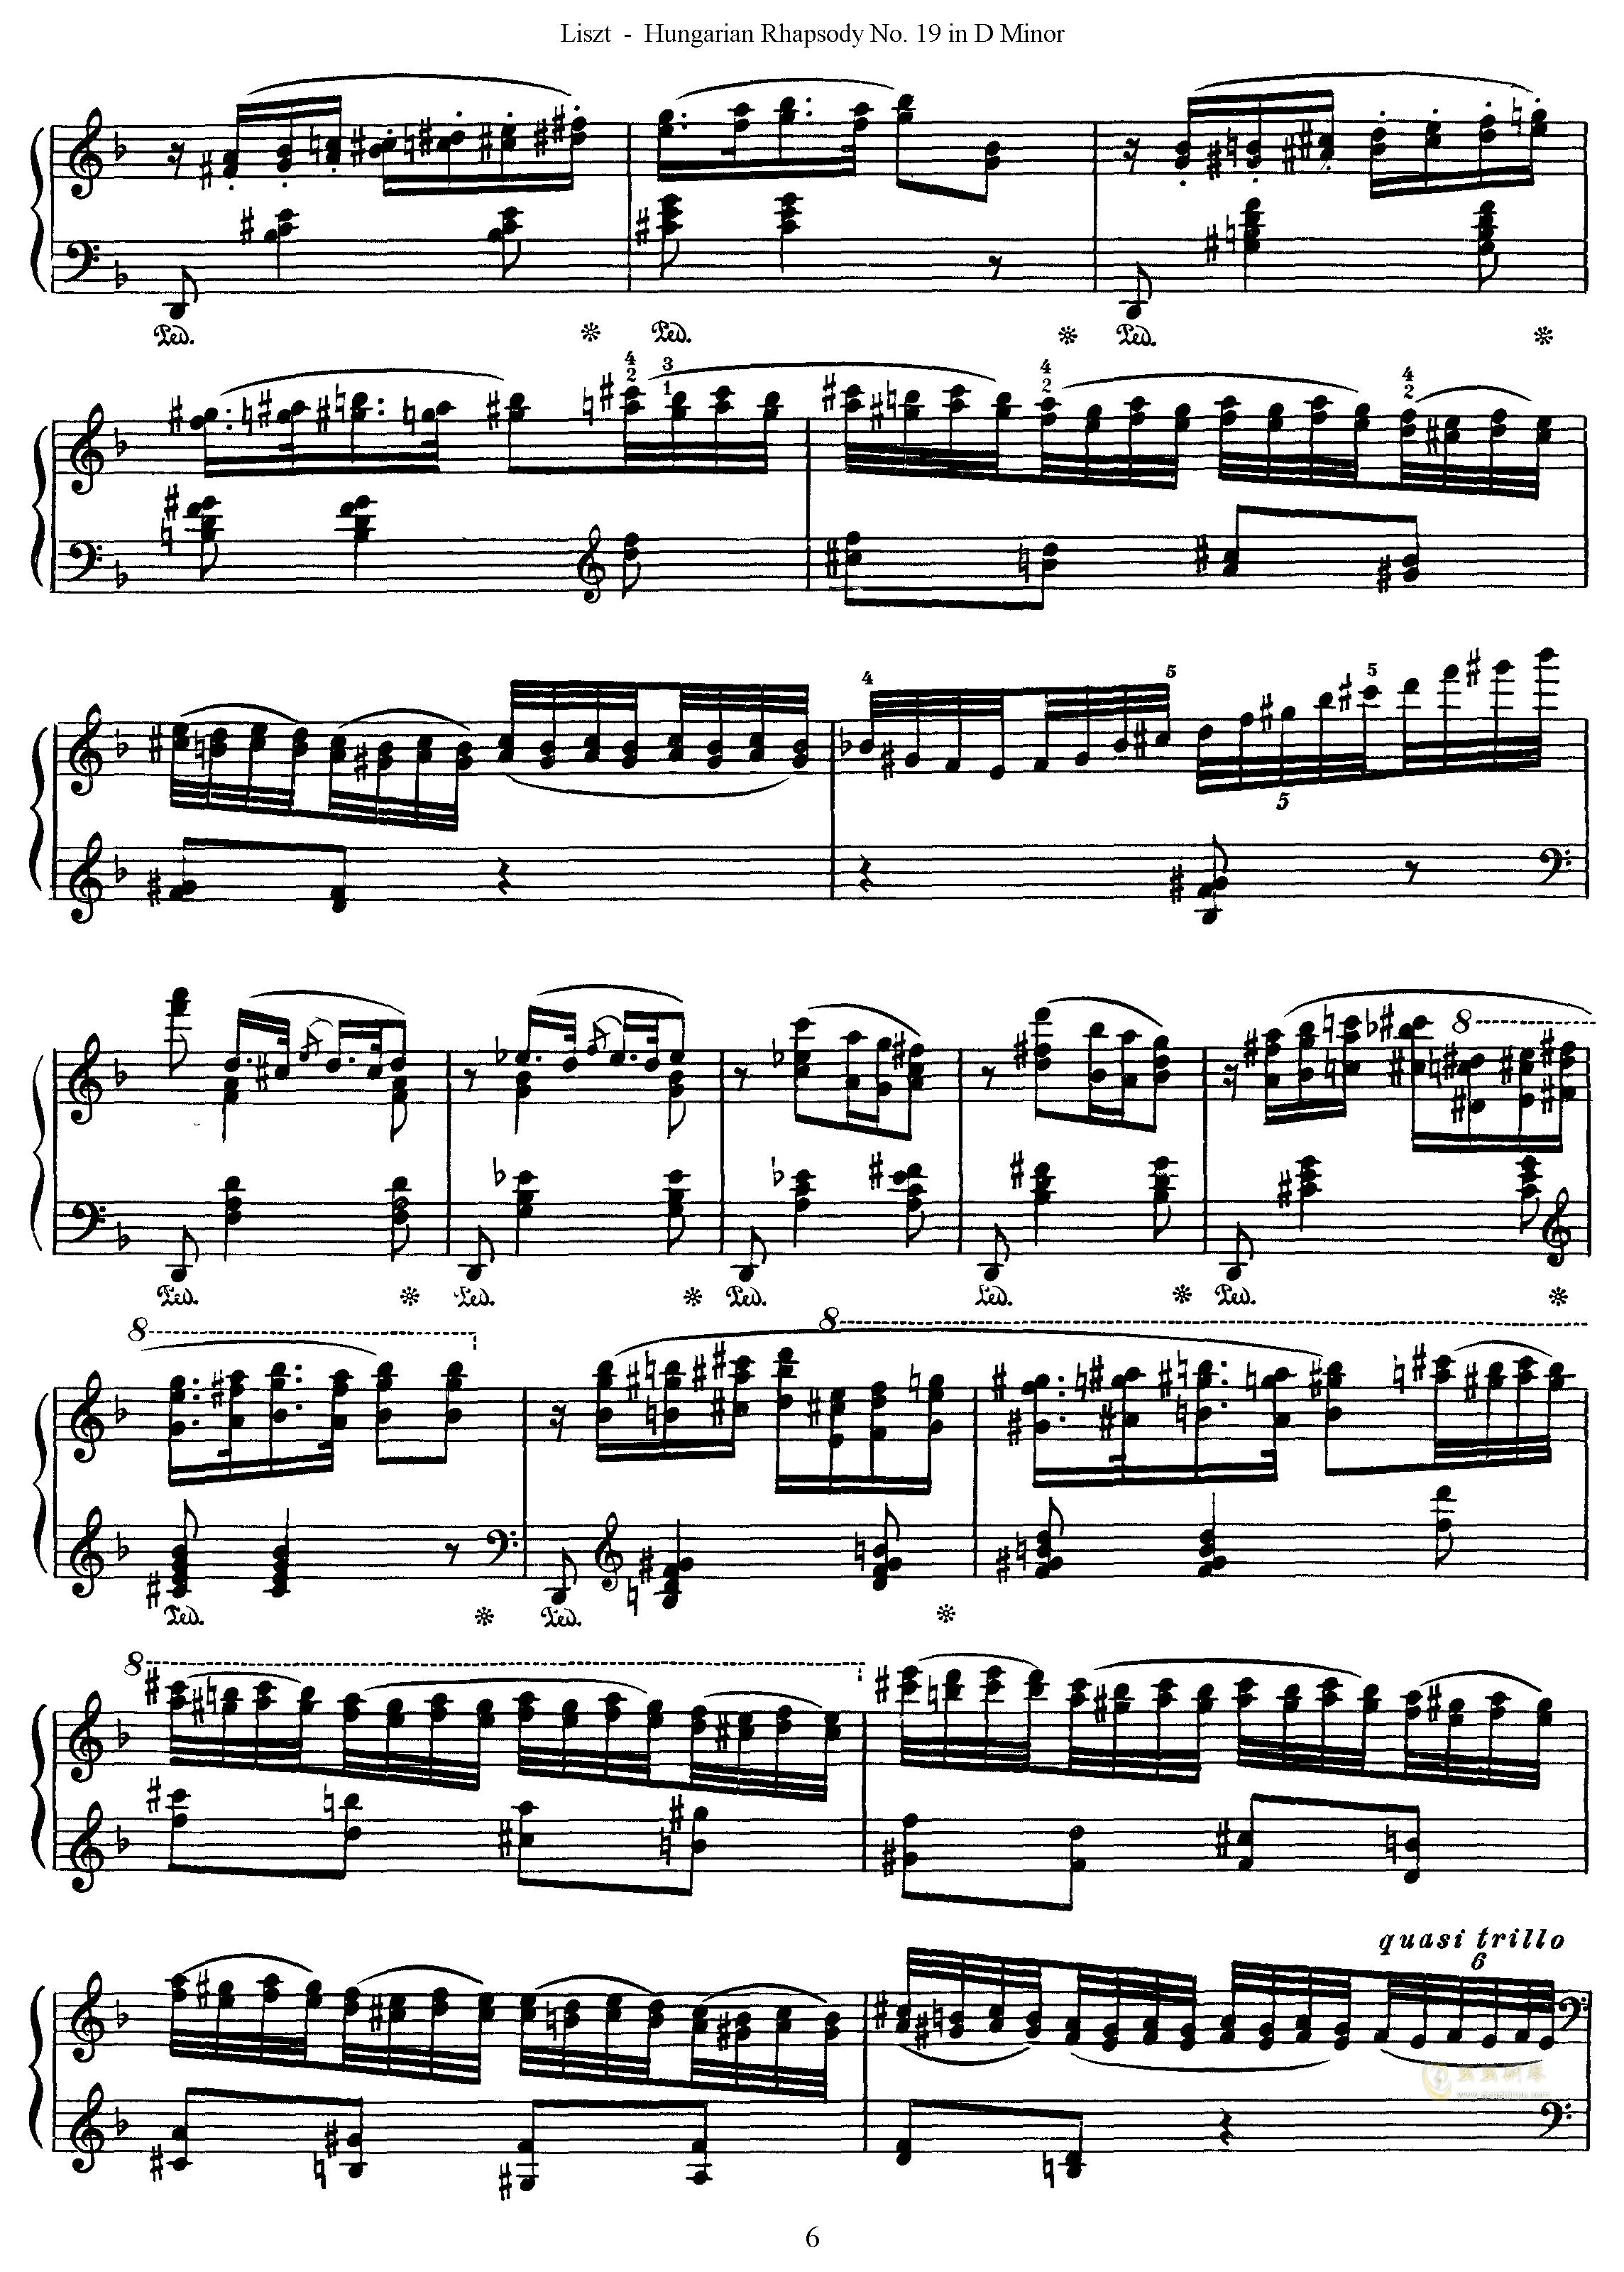 匈牙利狂想曲第19号钢琴谱 第6页